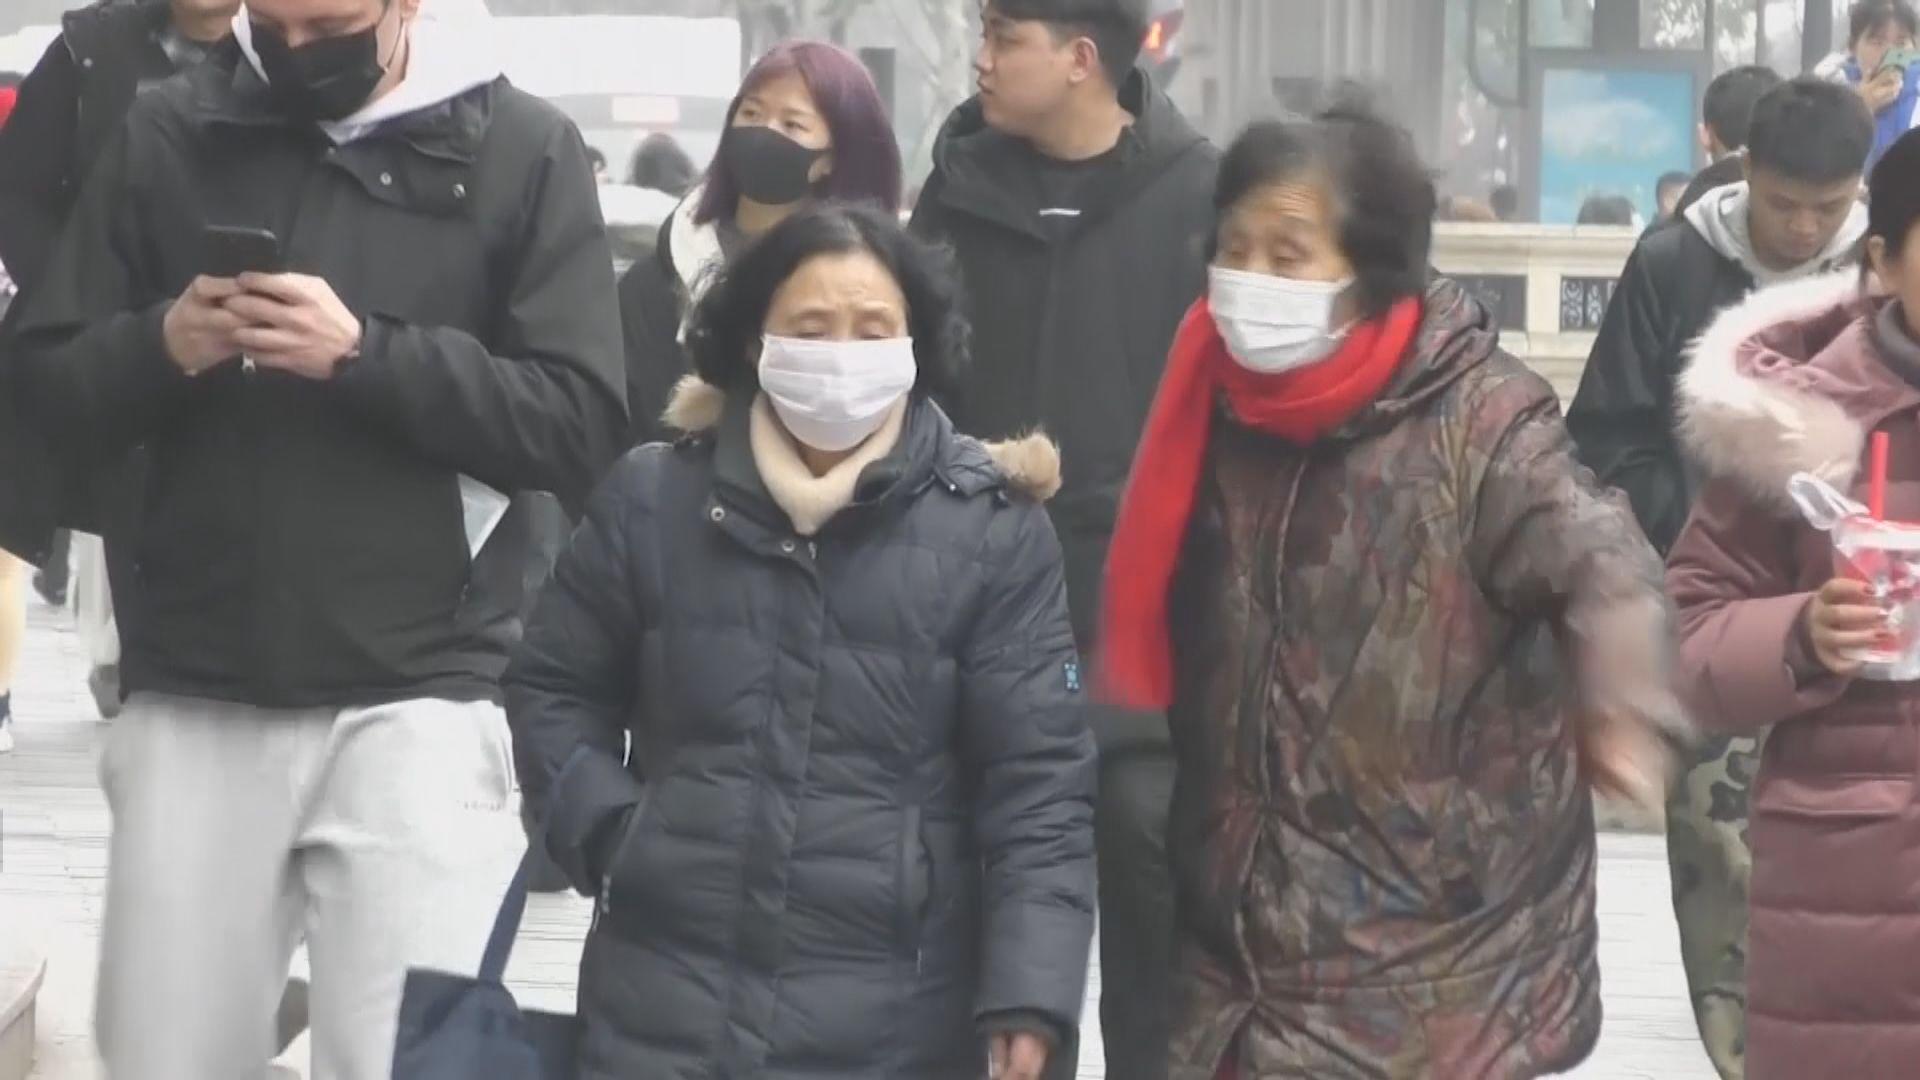 湖北省撤除除進出武漢市及湖北外的防疫卡點